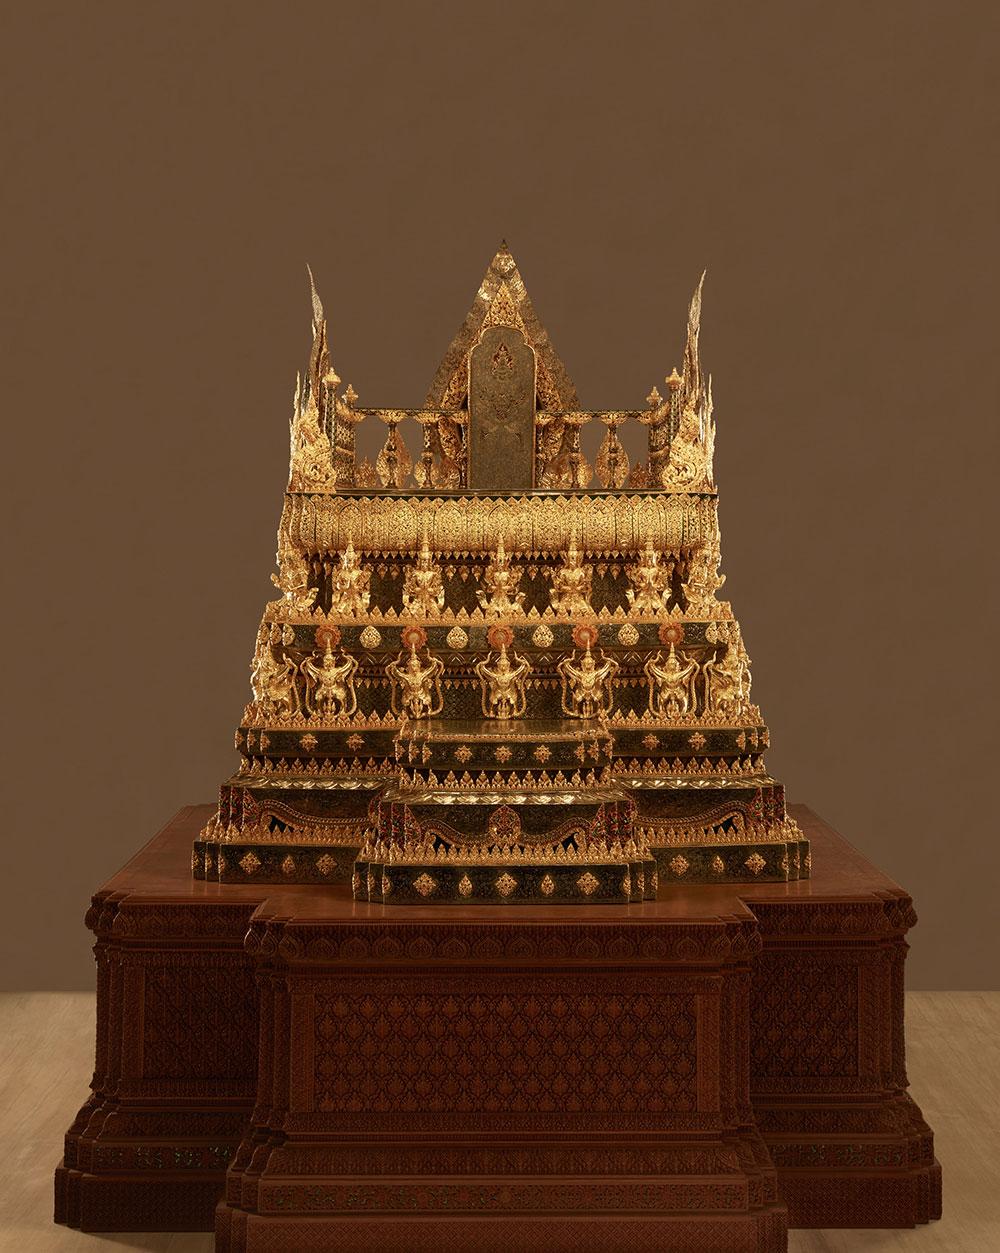 พระที่นั่งพุดตานถมทอง พิพิธภัณฑ์ศิลป์แผ่นดิน